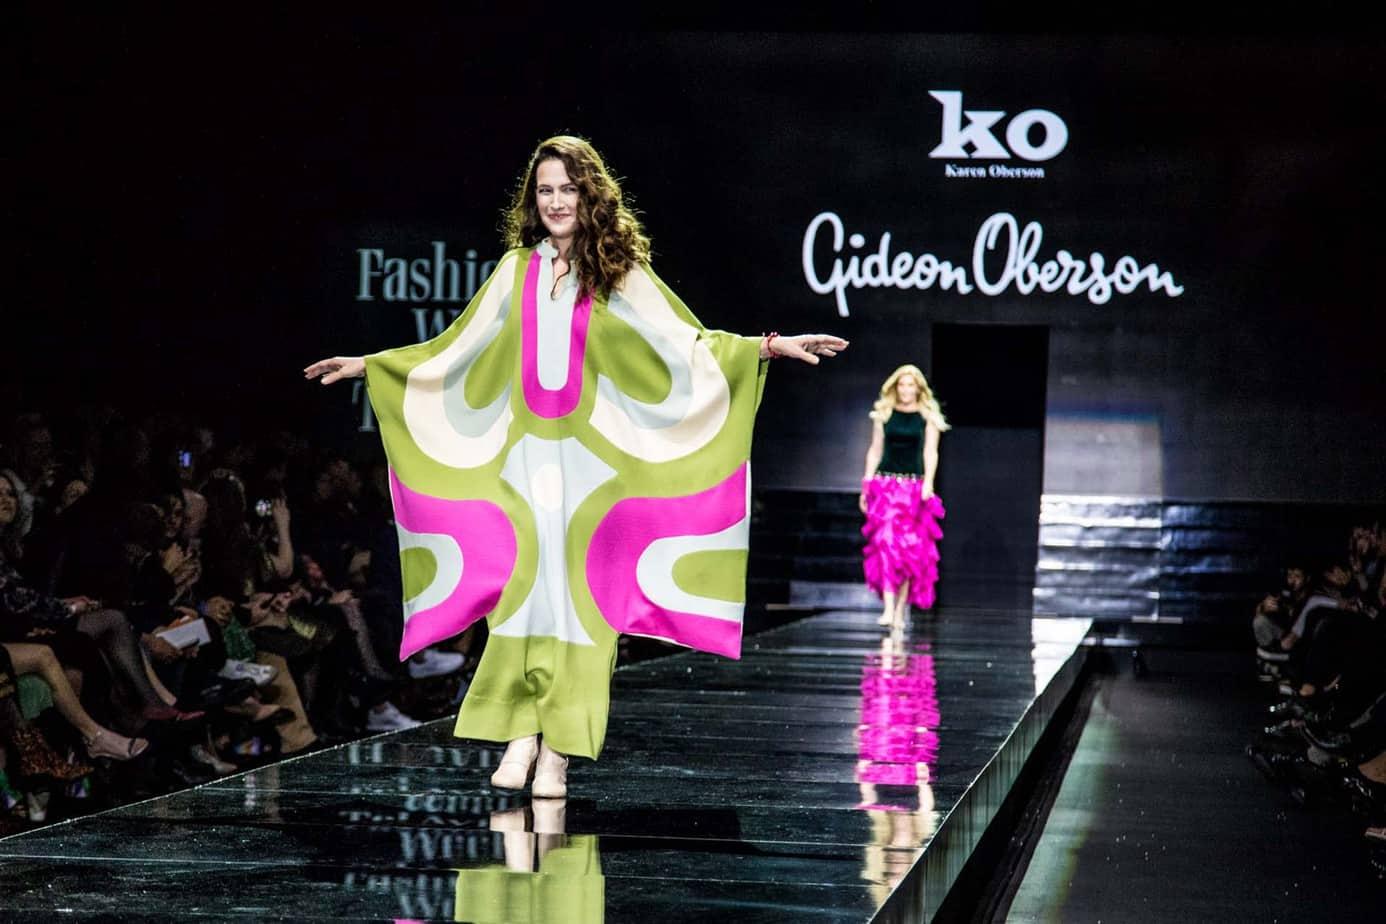 יעל אבקסיס, לגדעון אוברזון, שבוע האופנה תל אביב 2019, צילום אלכס פרגמנט